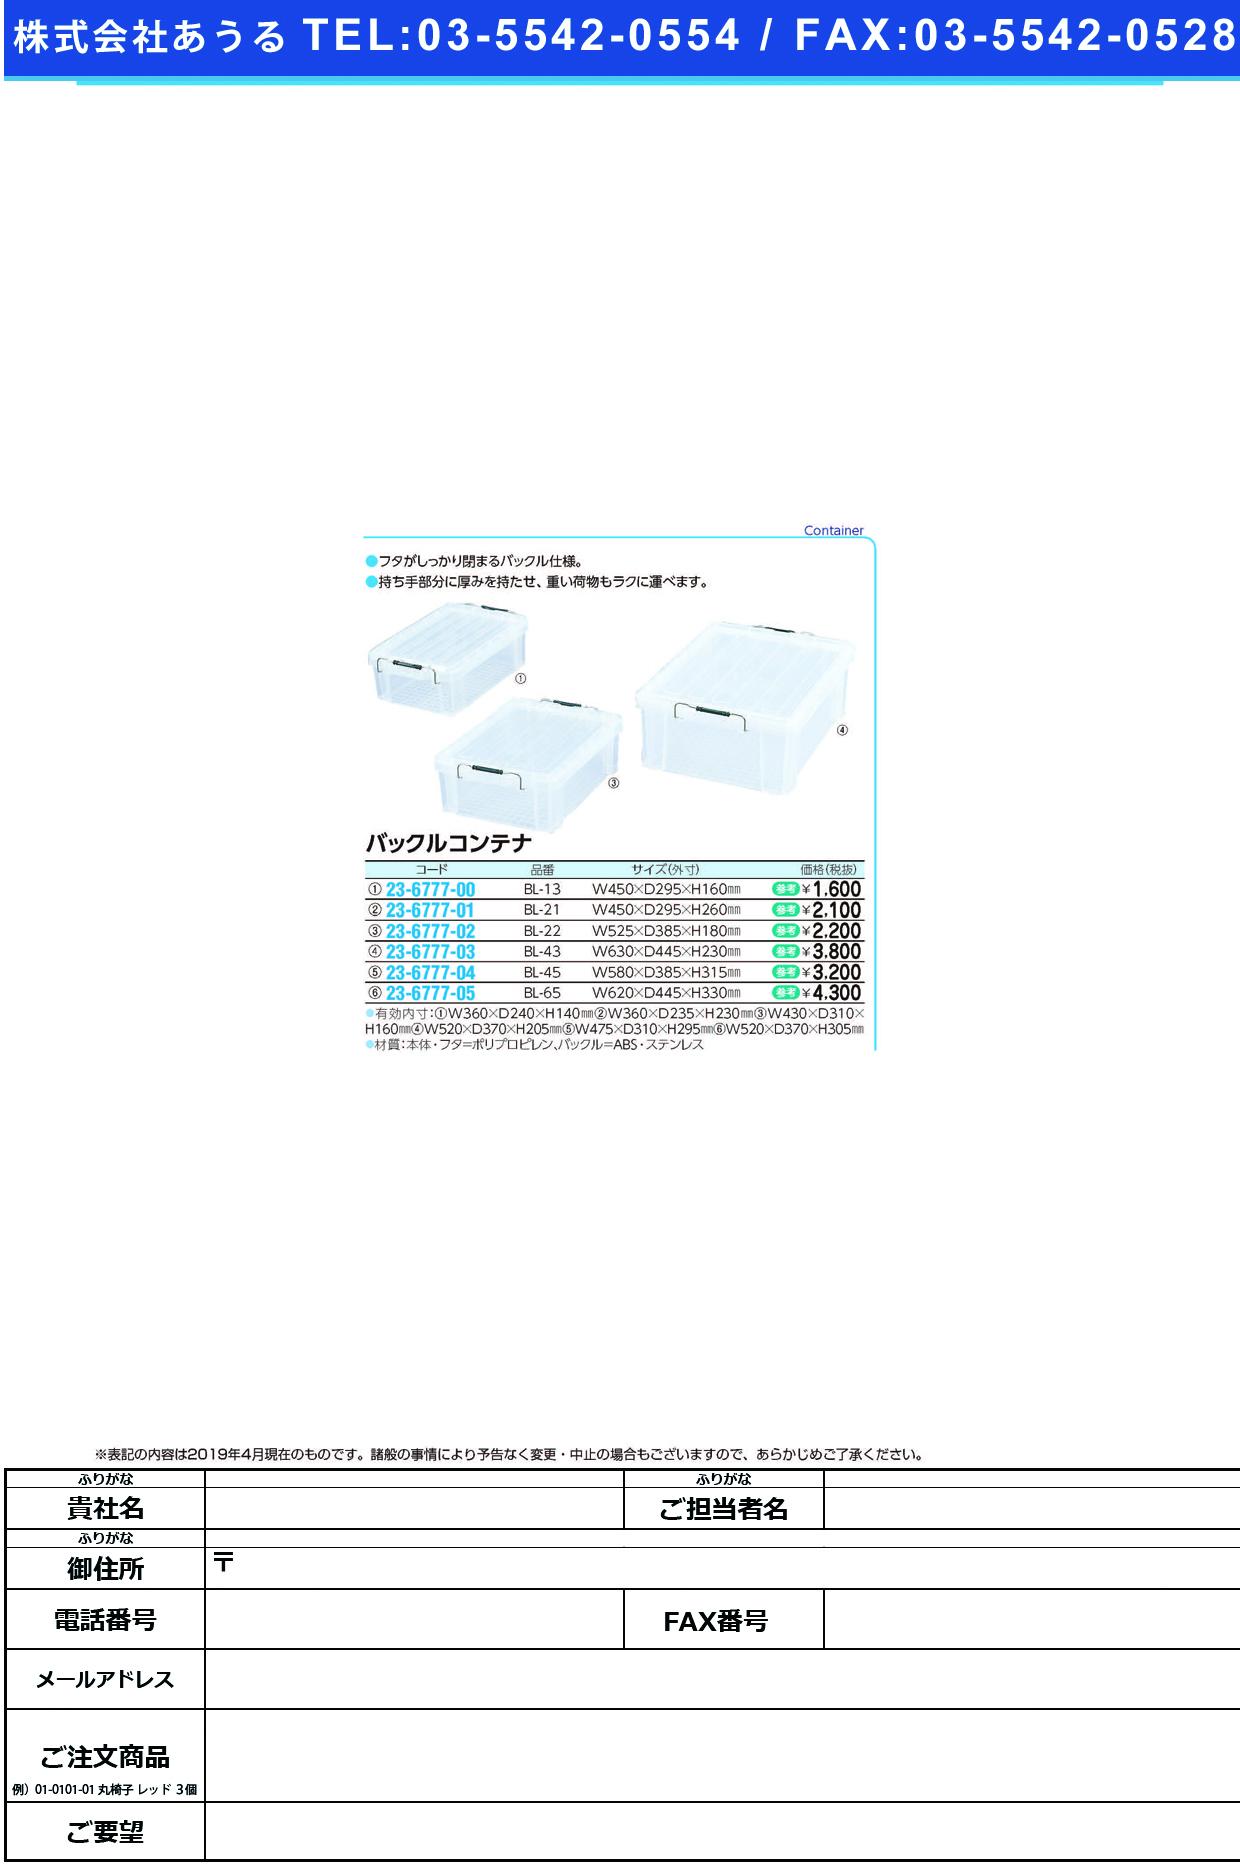 (23-6777-04)バックルコンテナ(クリア) BL-45(580X385X315MM) バックルコンテナ(クリア)【1個単位】【2019年カタログ商品】